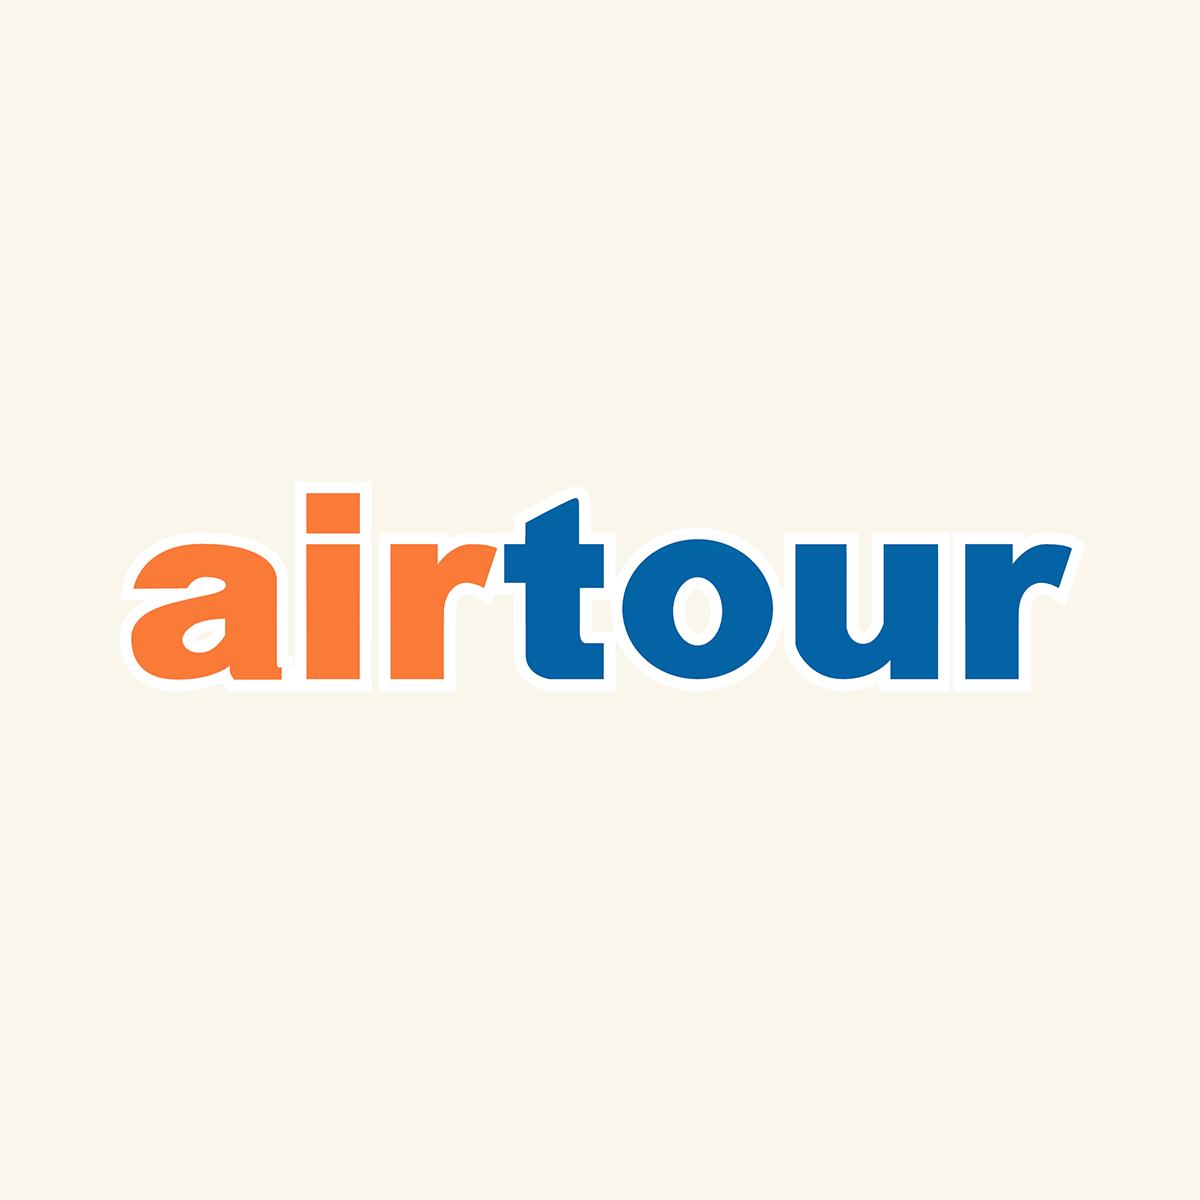 @airtourlv